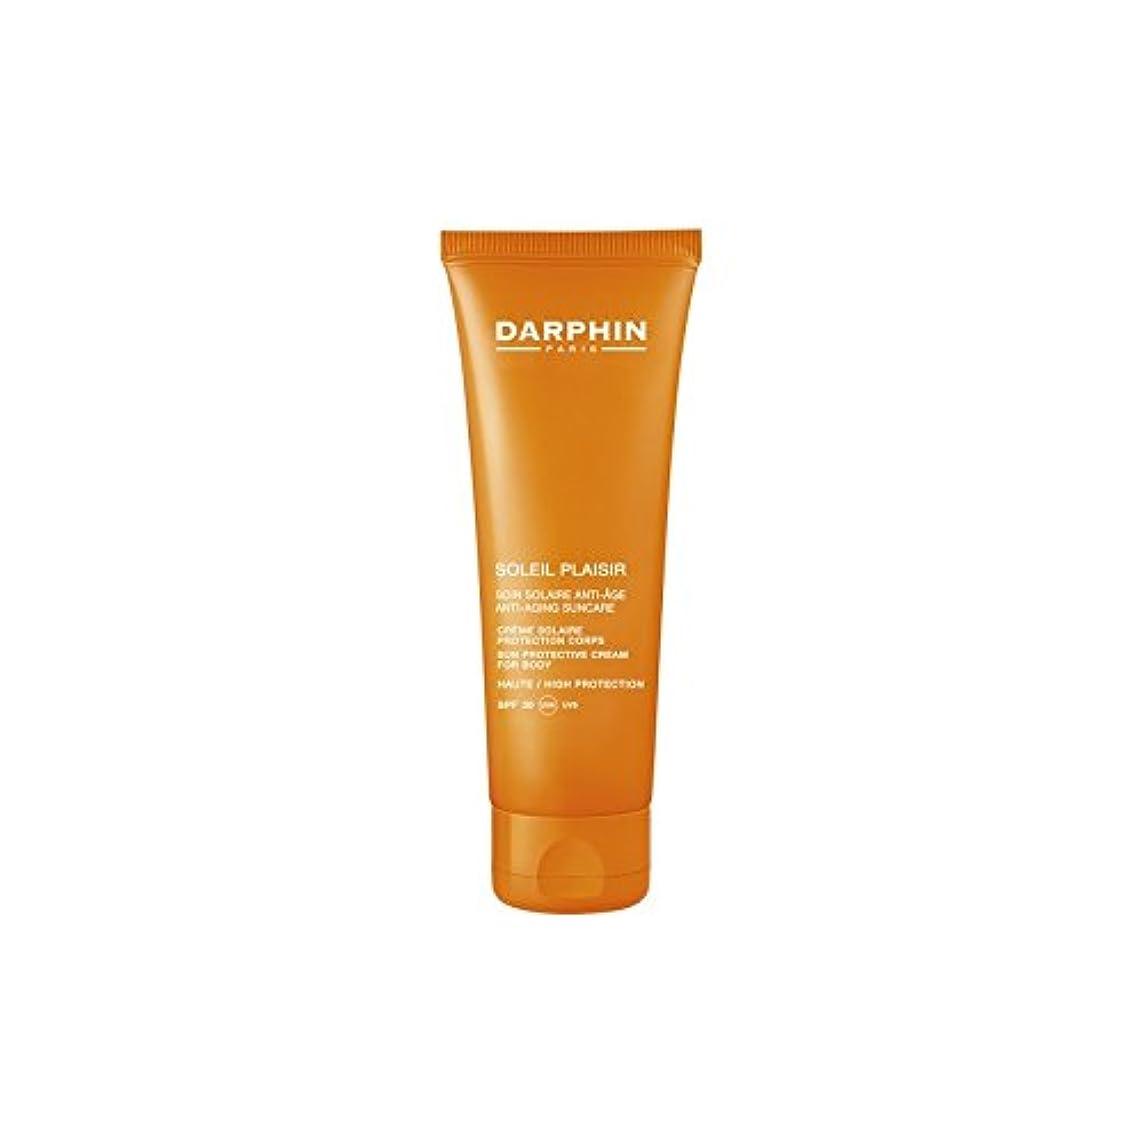 トラック有料シソーラスダルファンソレイユプレジールボディクリーム x4 - Darphin Soleil Plaisir Body Cream (Pack of 4) [並行輸入品]